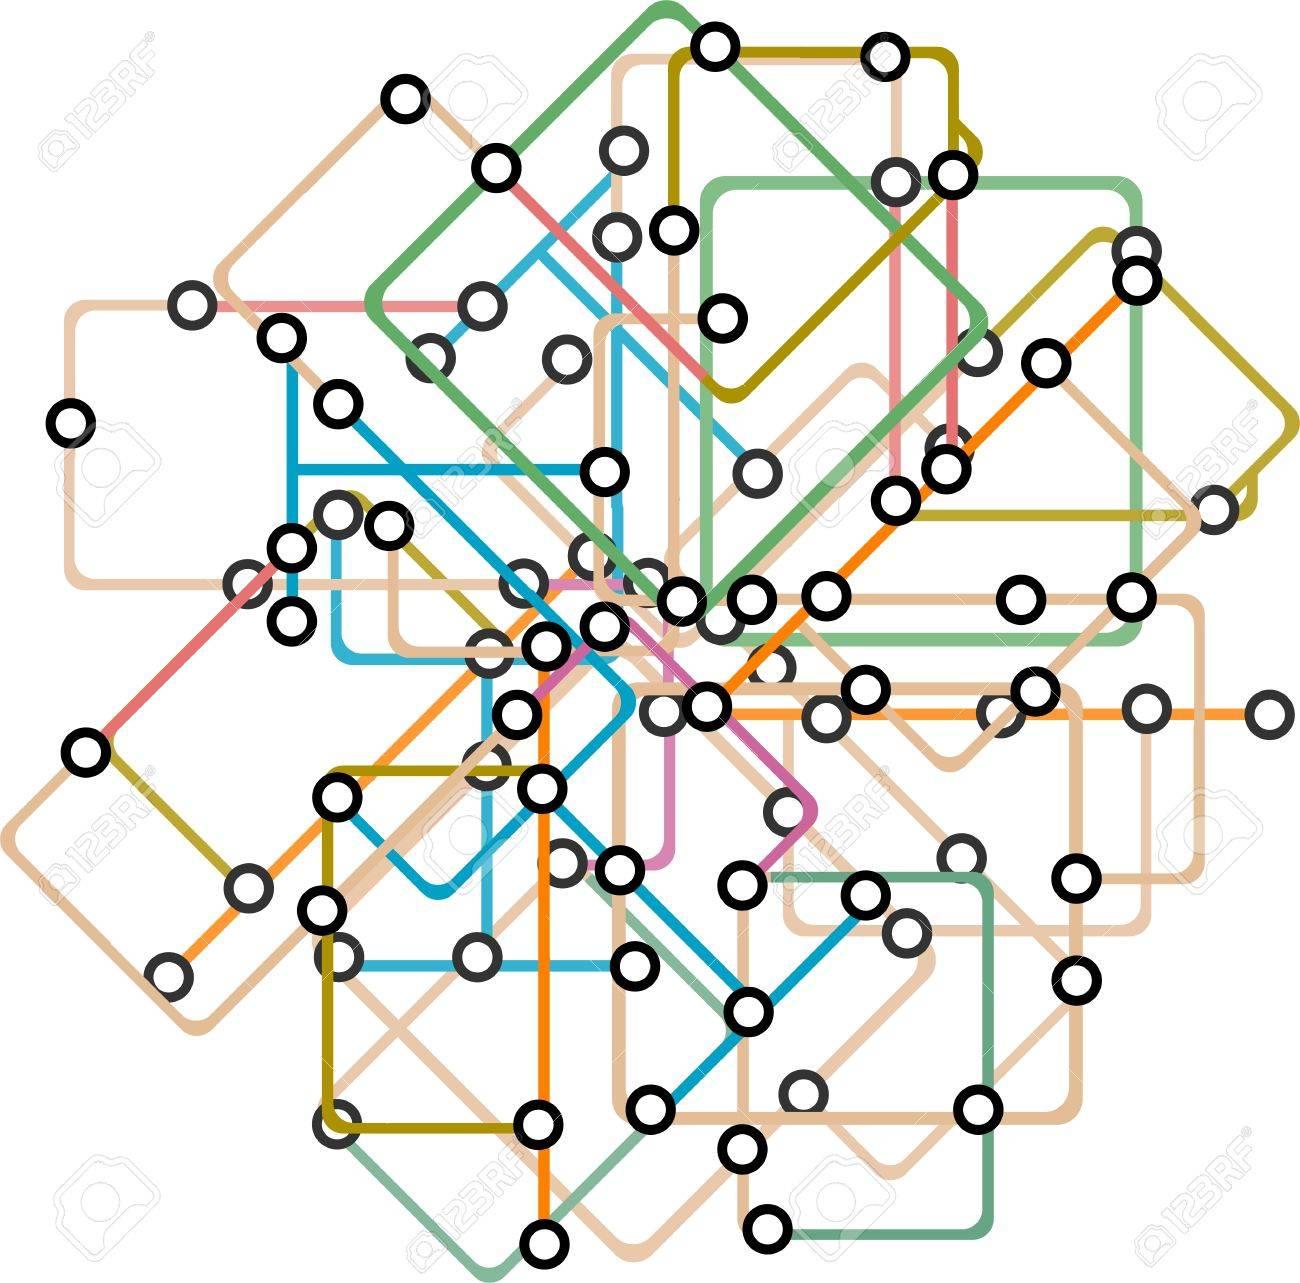 地下鉄の路線図の抽象的な背景のイラスト素材ベクタ Image 13293241